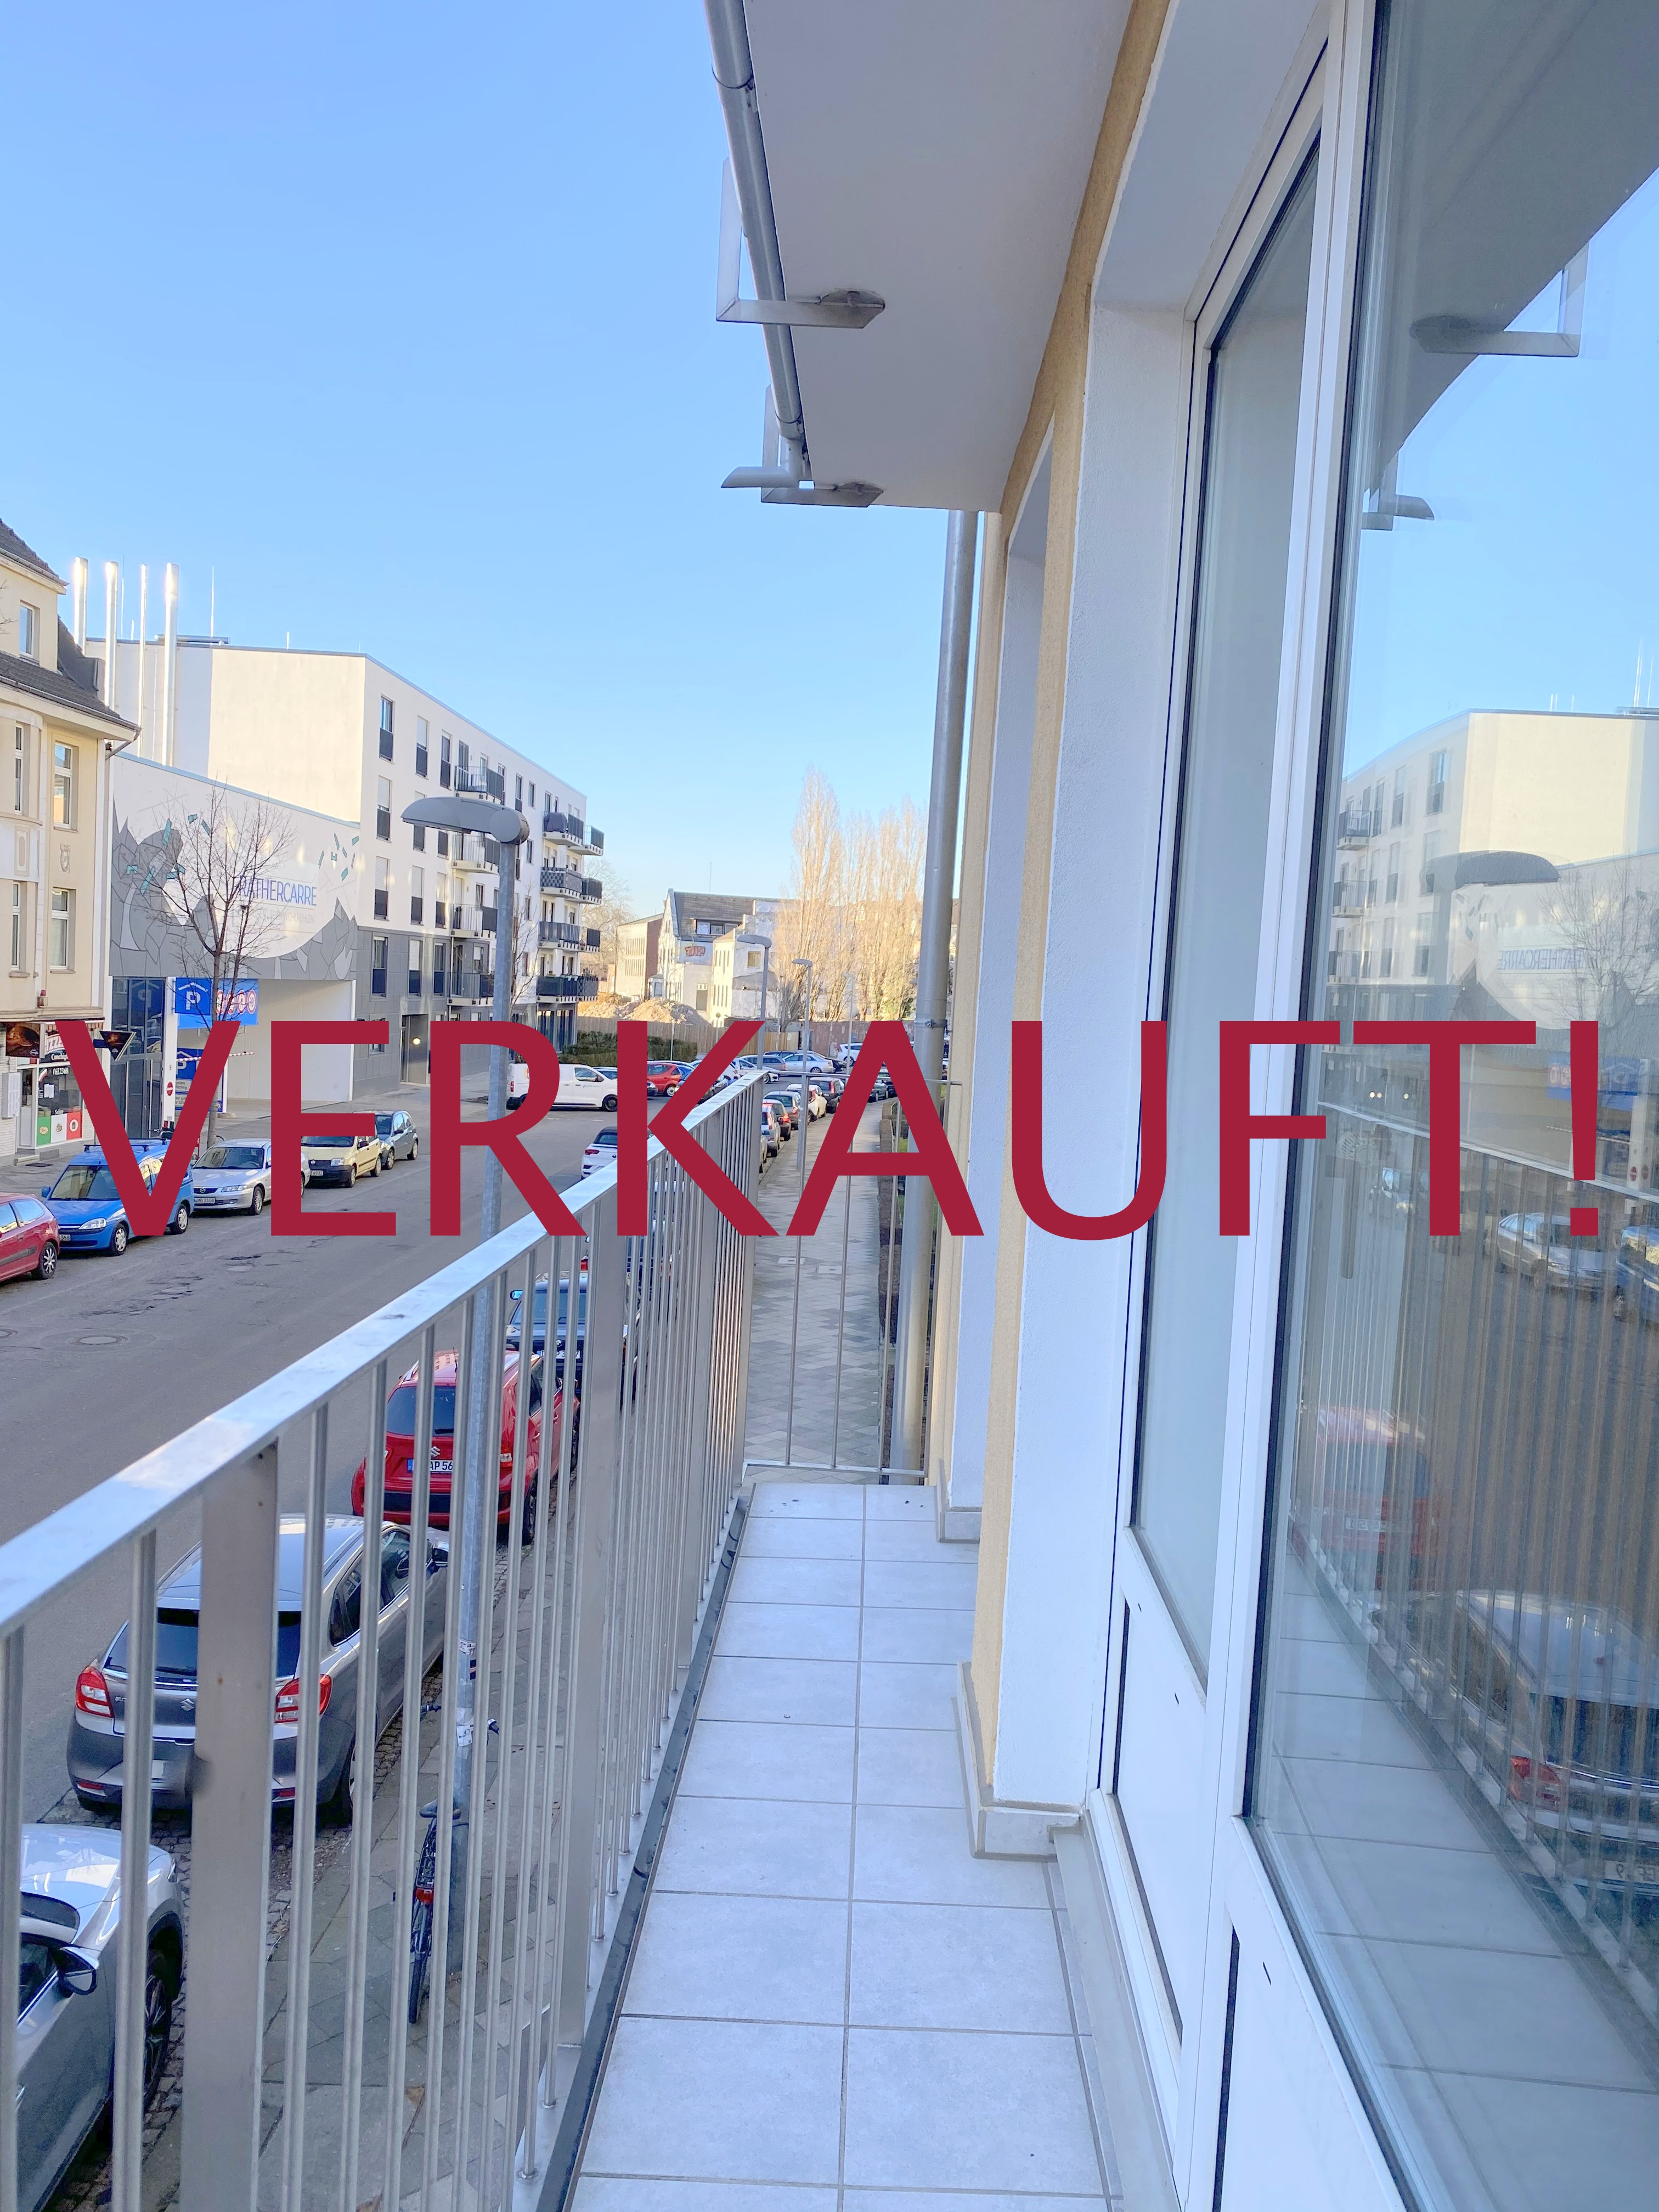 VERKAUFT! 3-Zimmer-Etagenwohnung in zentraler Lage von Düsseldorf-Rath